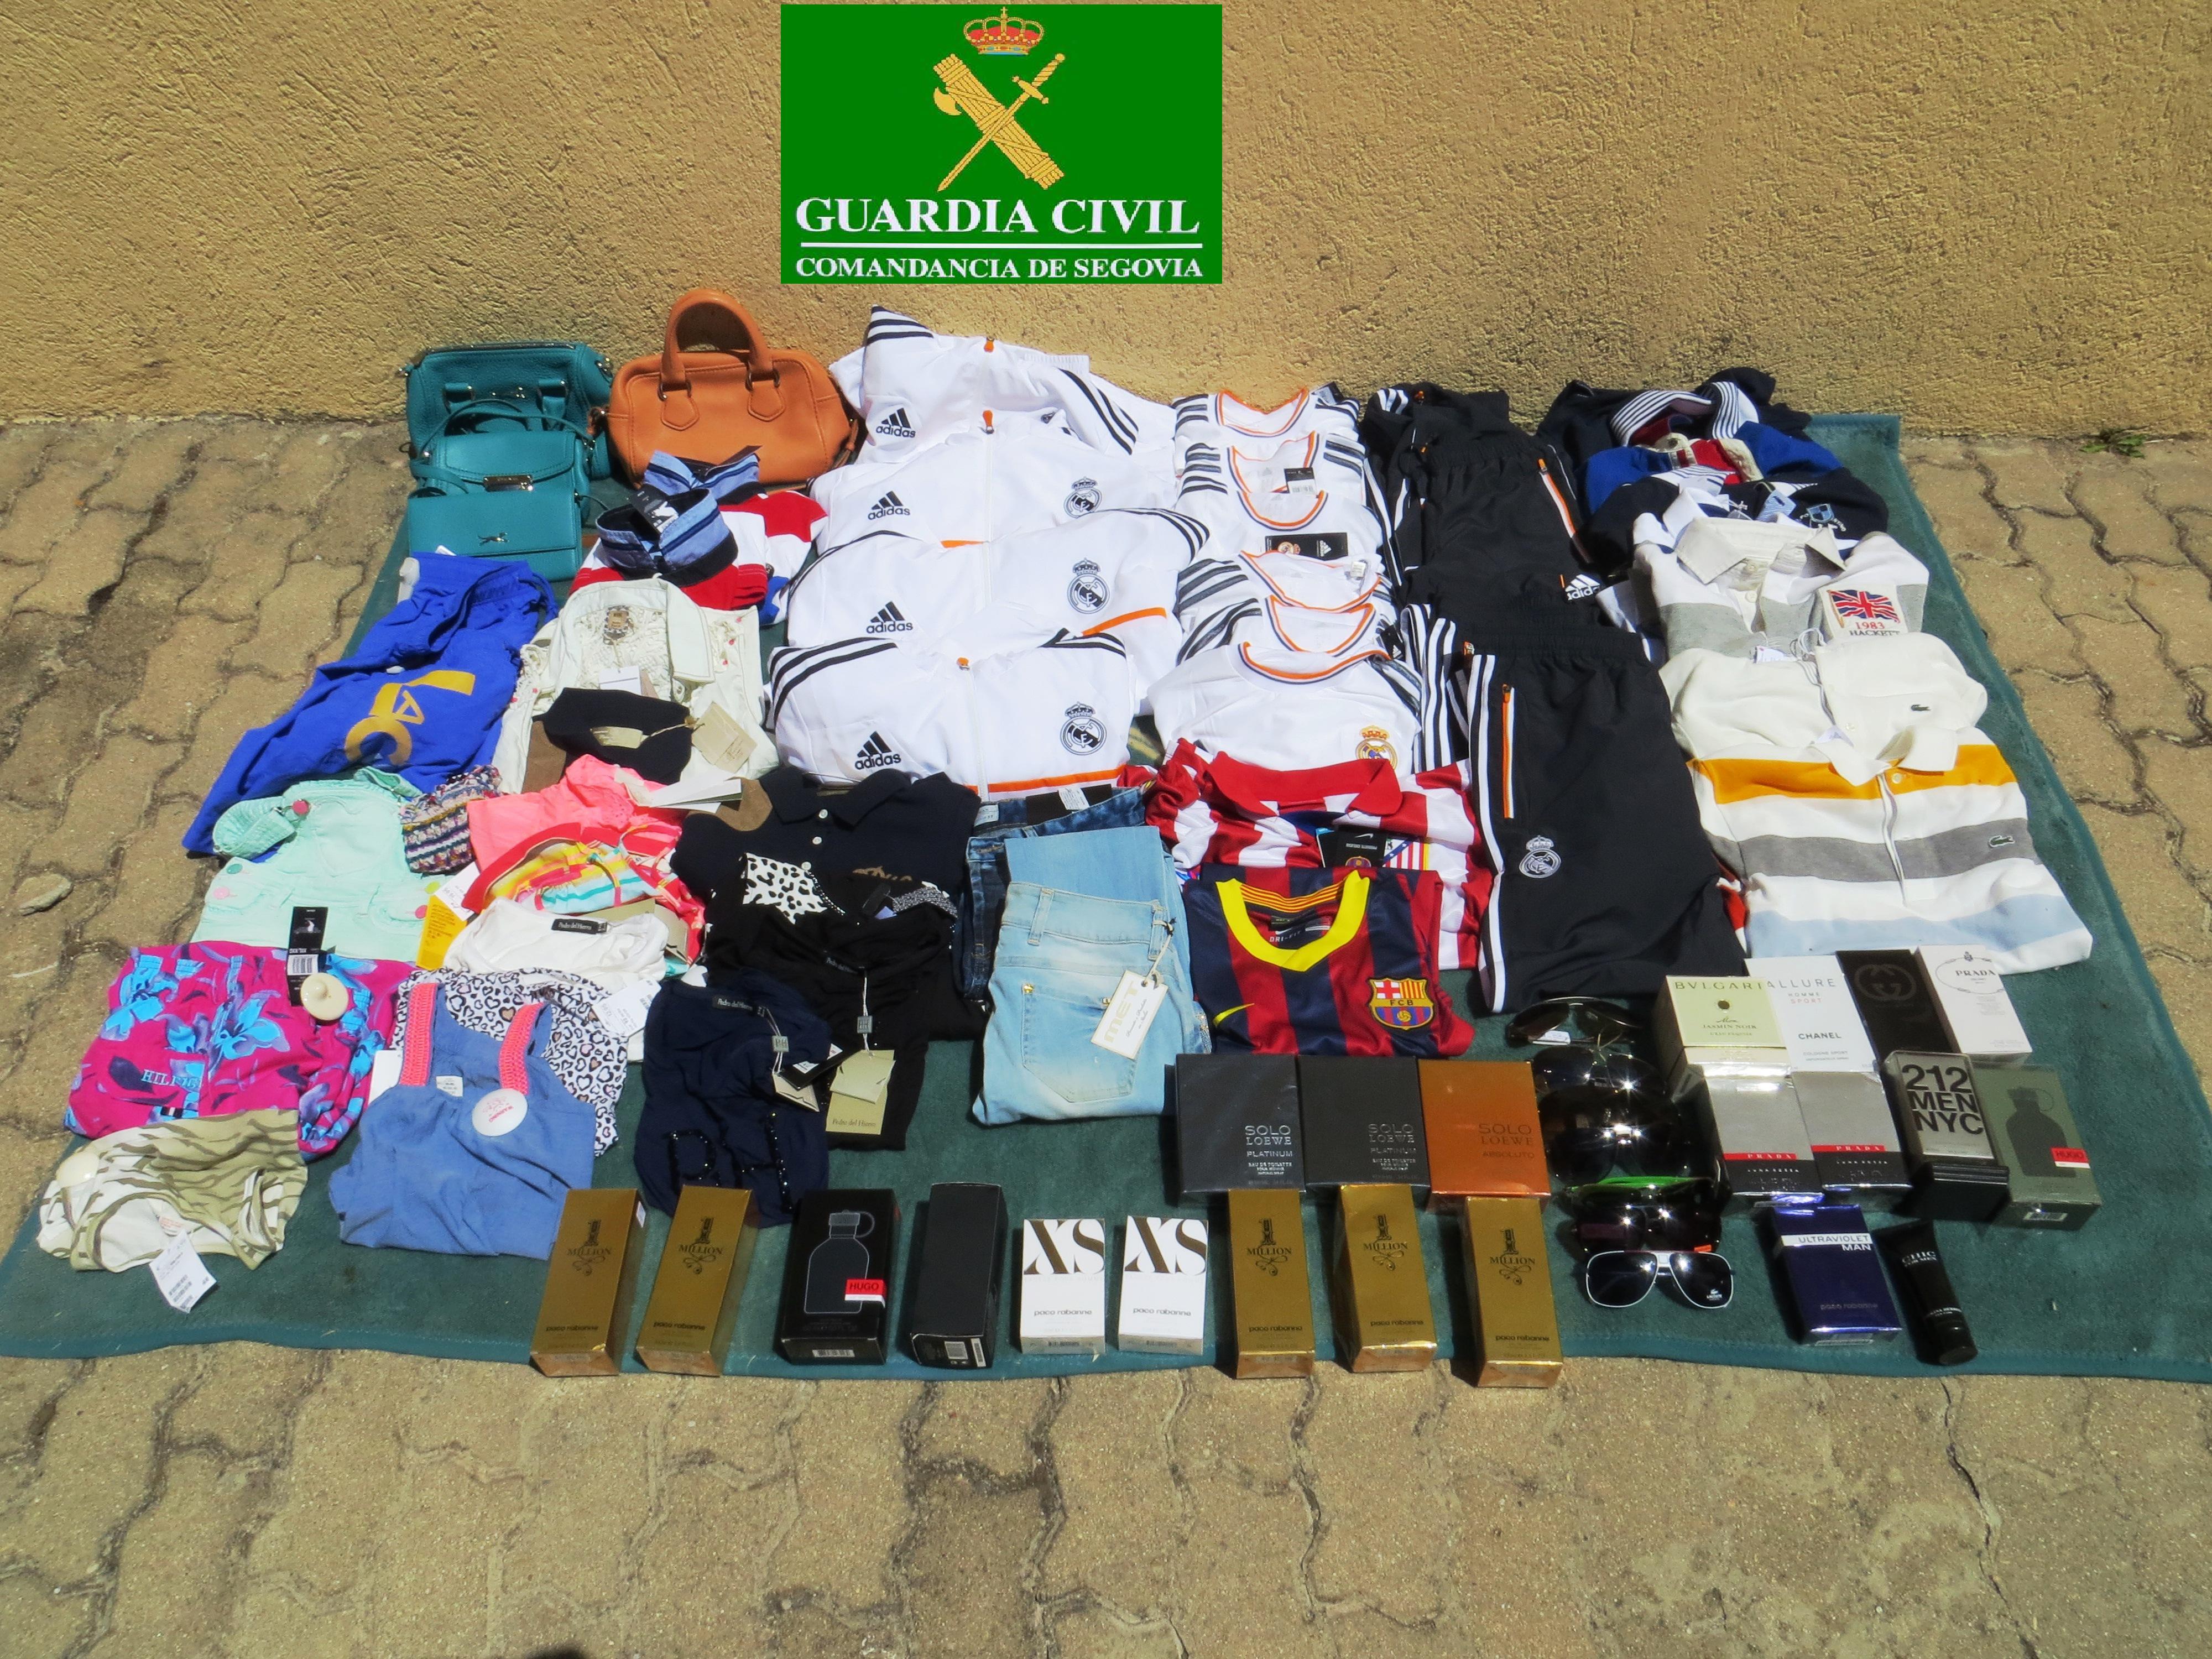 Efectos confiscados por la Guardia Civil / SAN RAFAEL